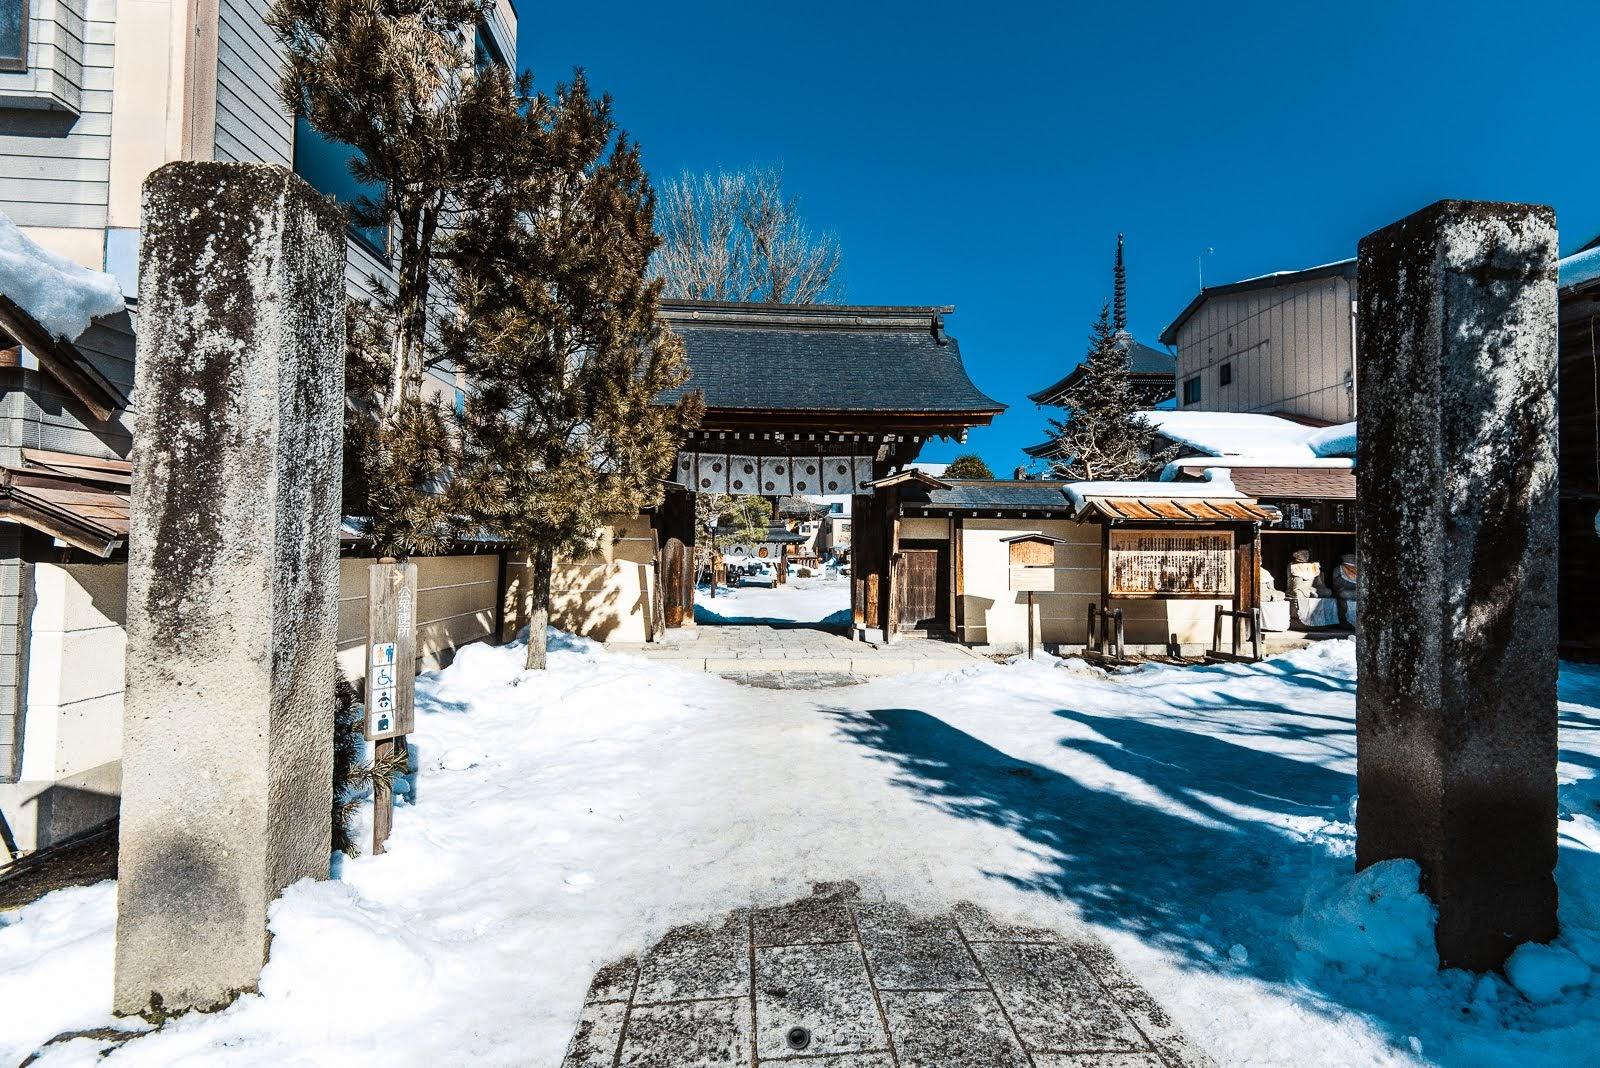 因為前一天下大雪還沒有融化的關係,地上其實都是很容易讓人滑倒的積冰,行走時要特別小心。